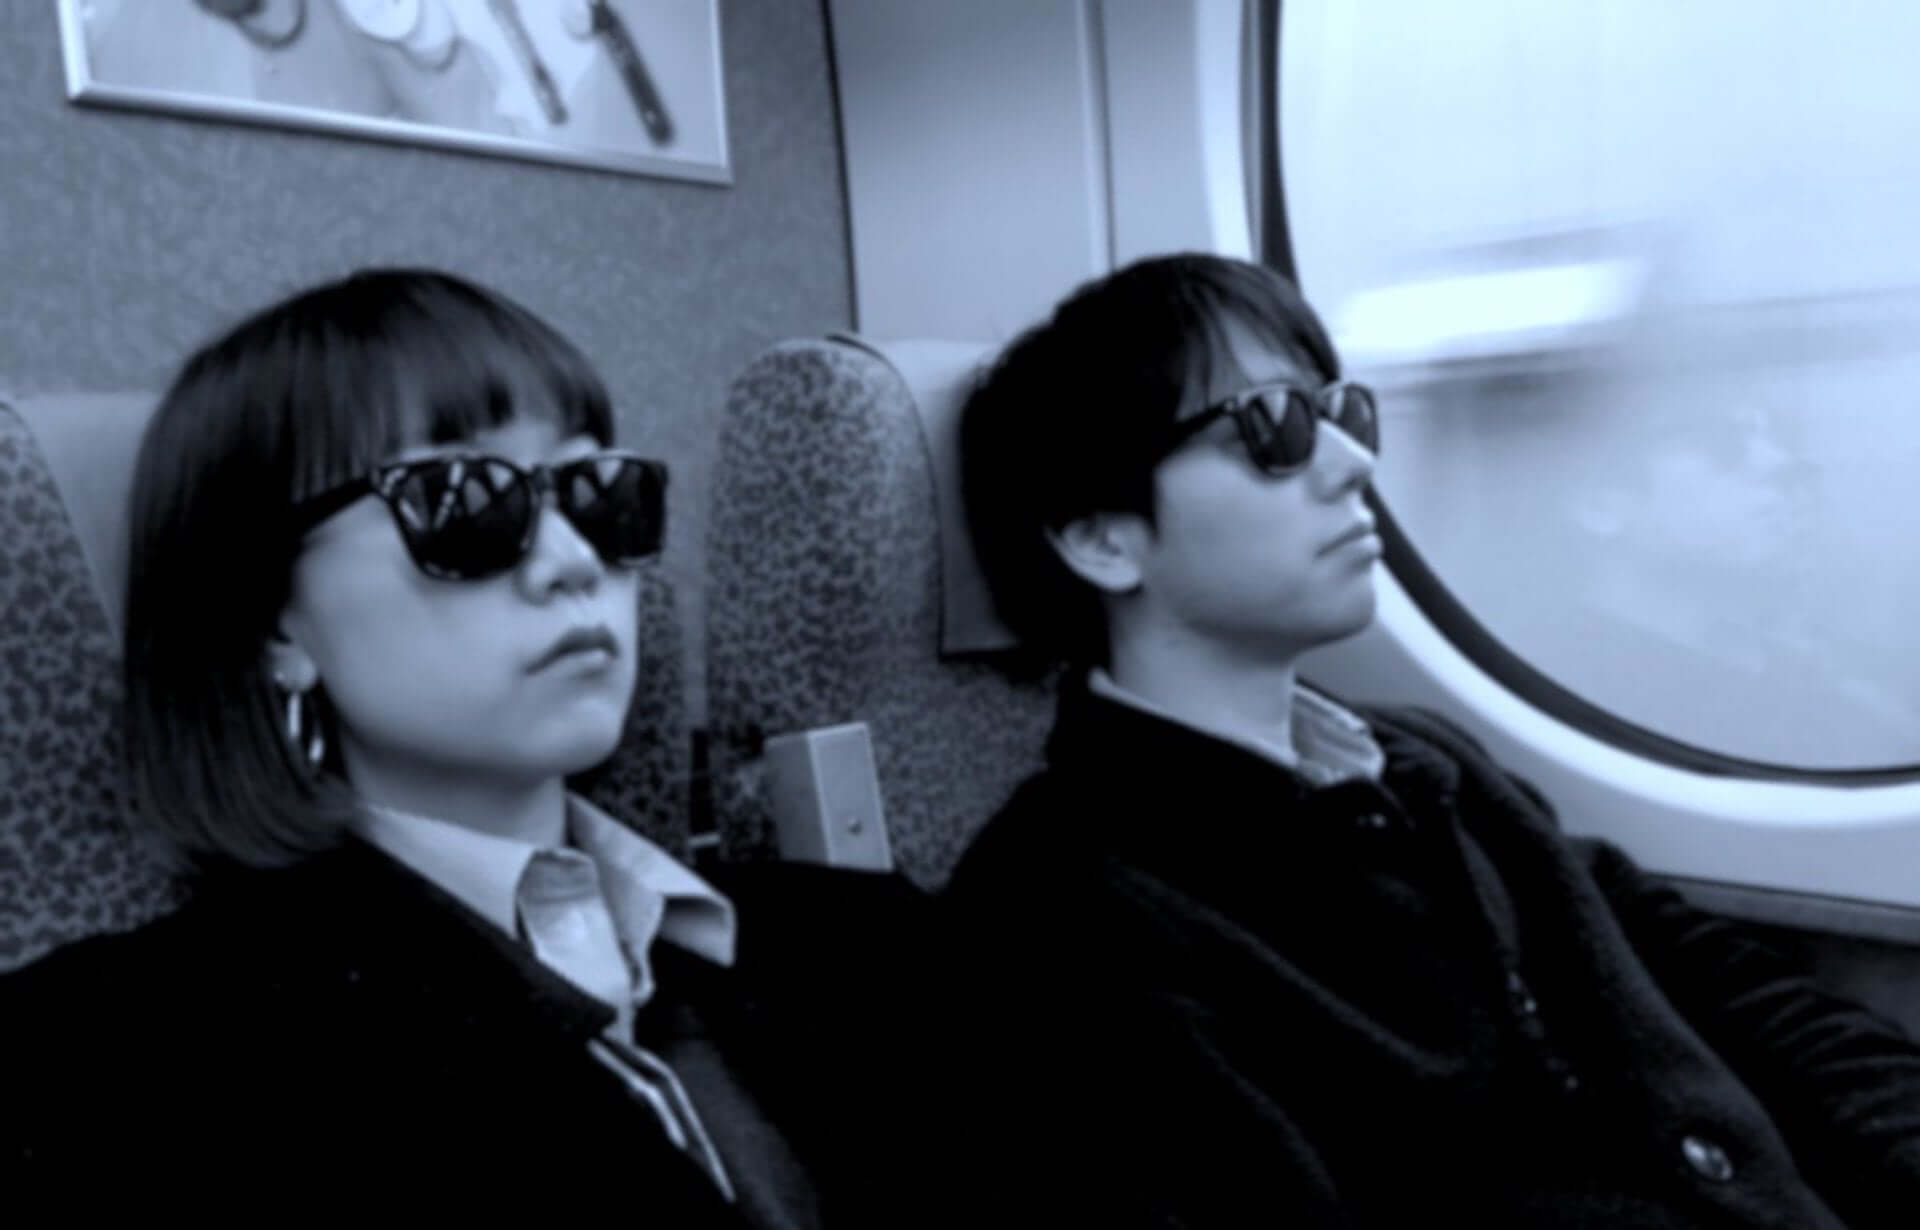 大阪の兄妹ユニット・wai wai music resortの1st EP『WWMR 1』がレコード化!リミックスも収録されたリマスター版が〈Sailyard〉よりリリース決定 music201130_wwmr_3-1920x1230